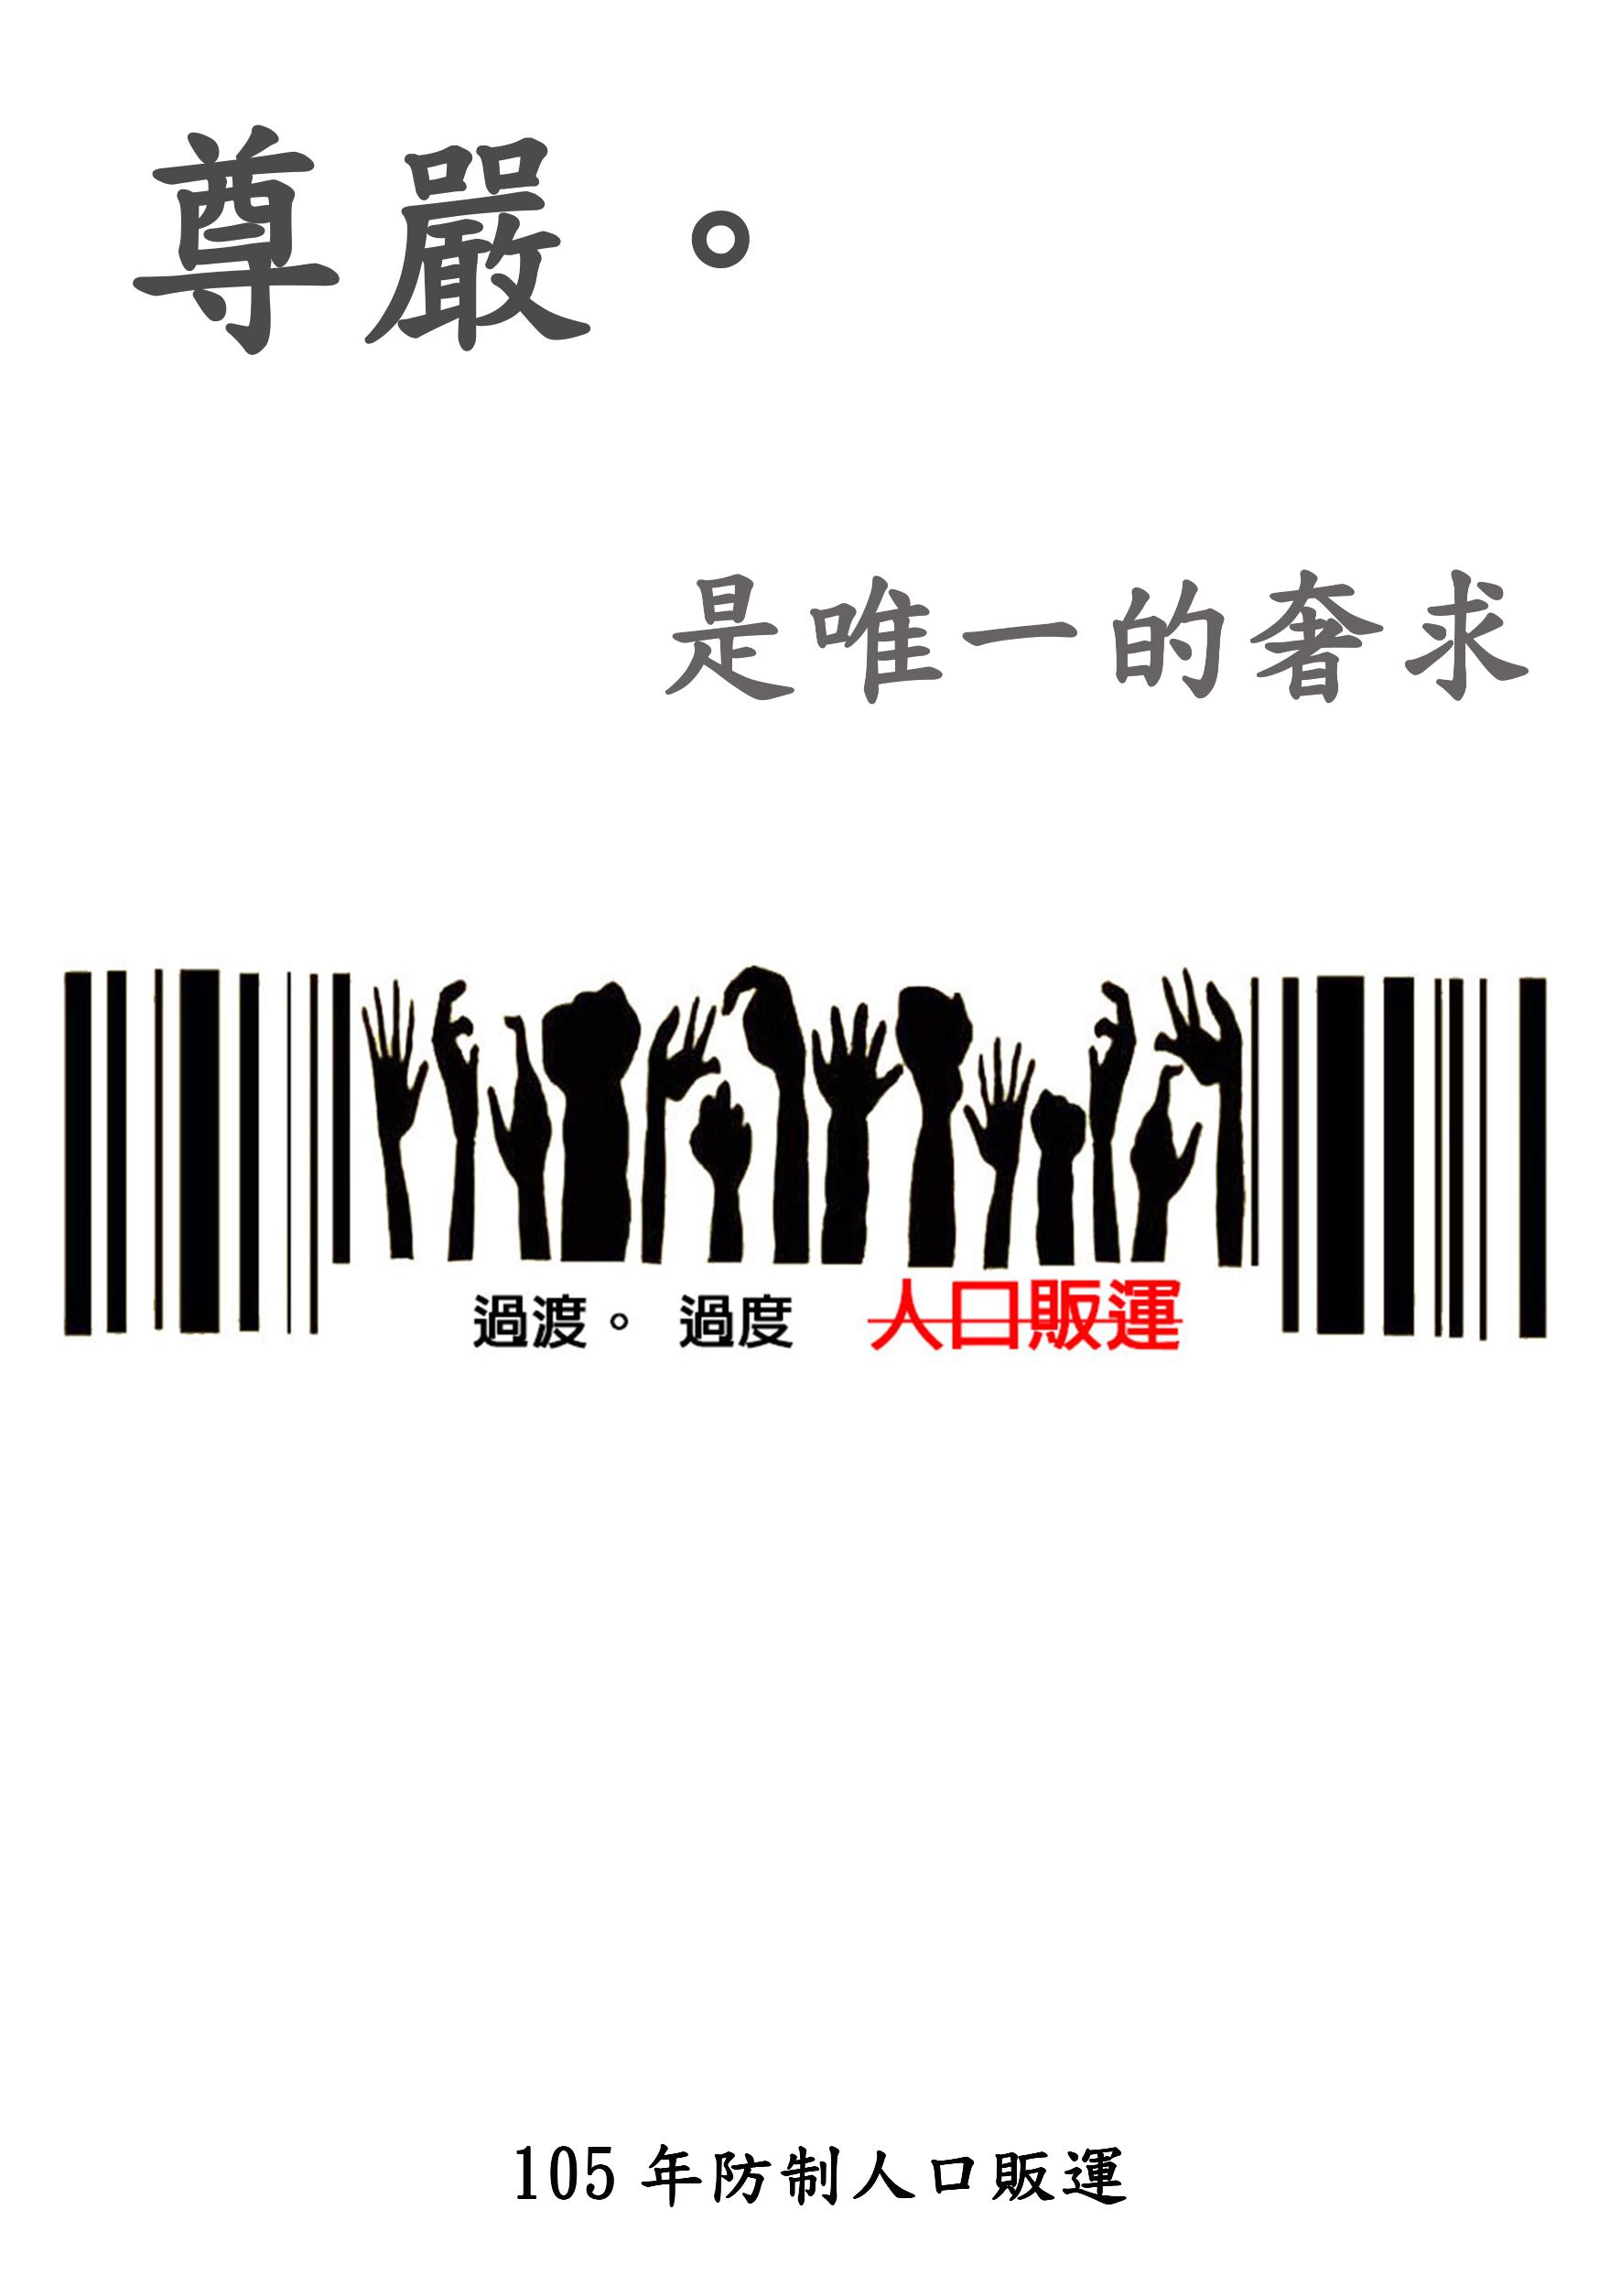 40420073李怡柔-防制人口販運.jpg